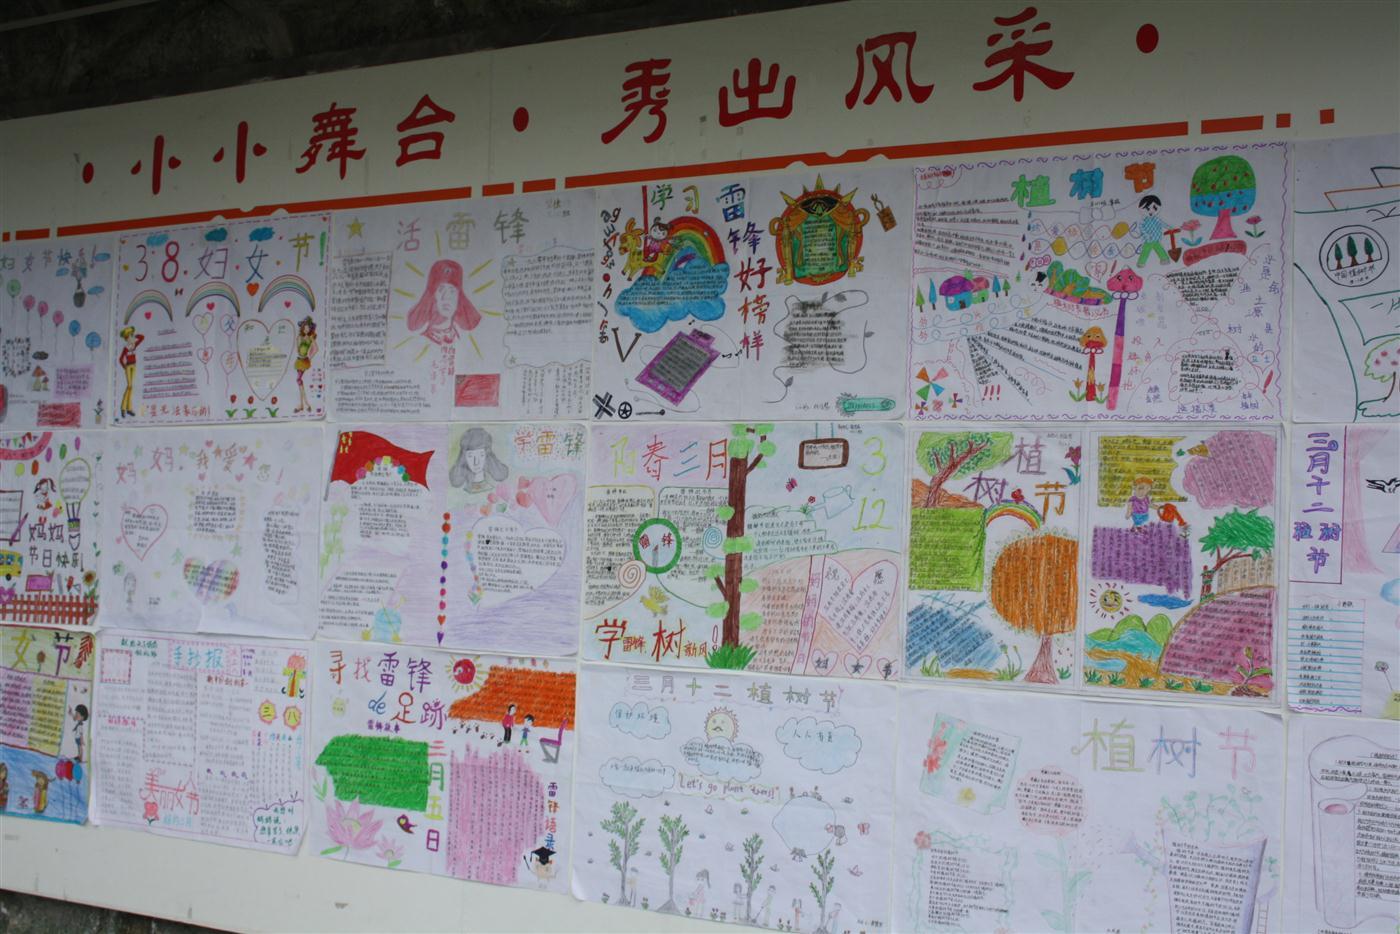 学生手抄报 - 2014中国北京国际少年儿童书画双年展